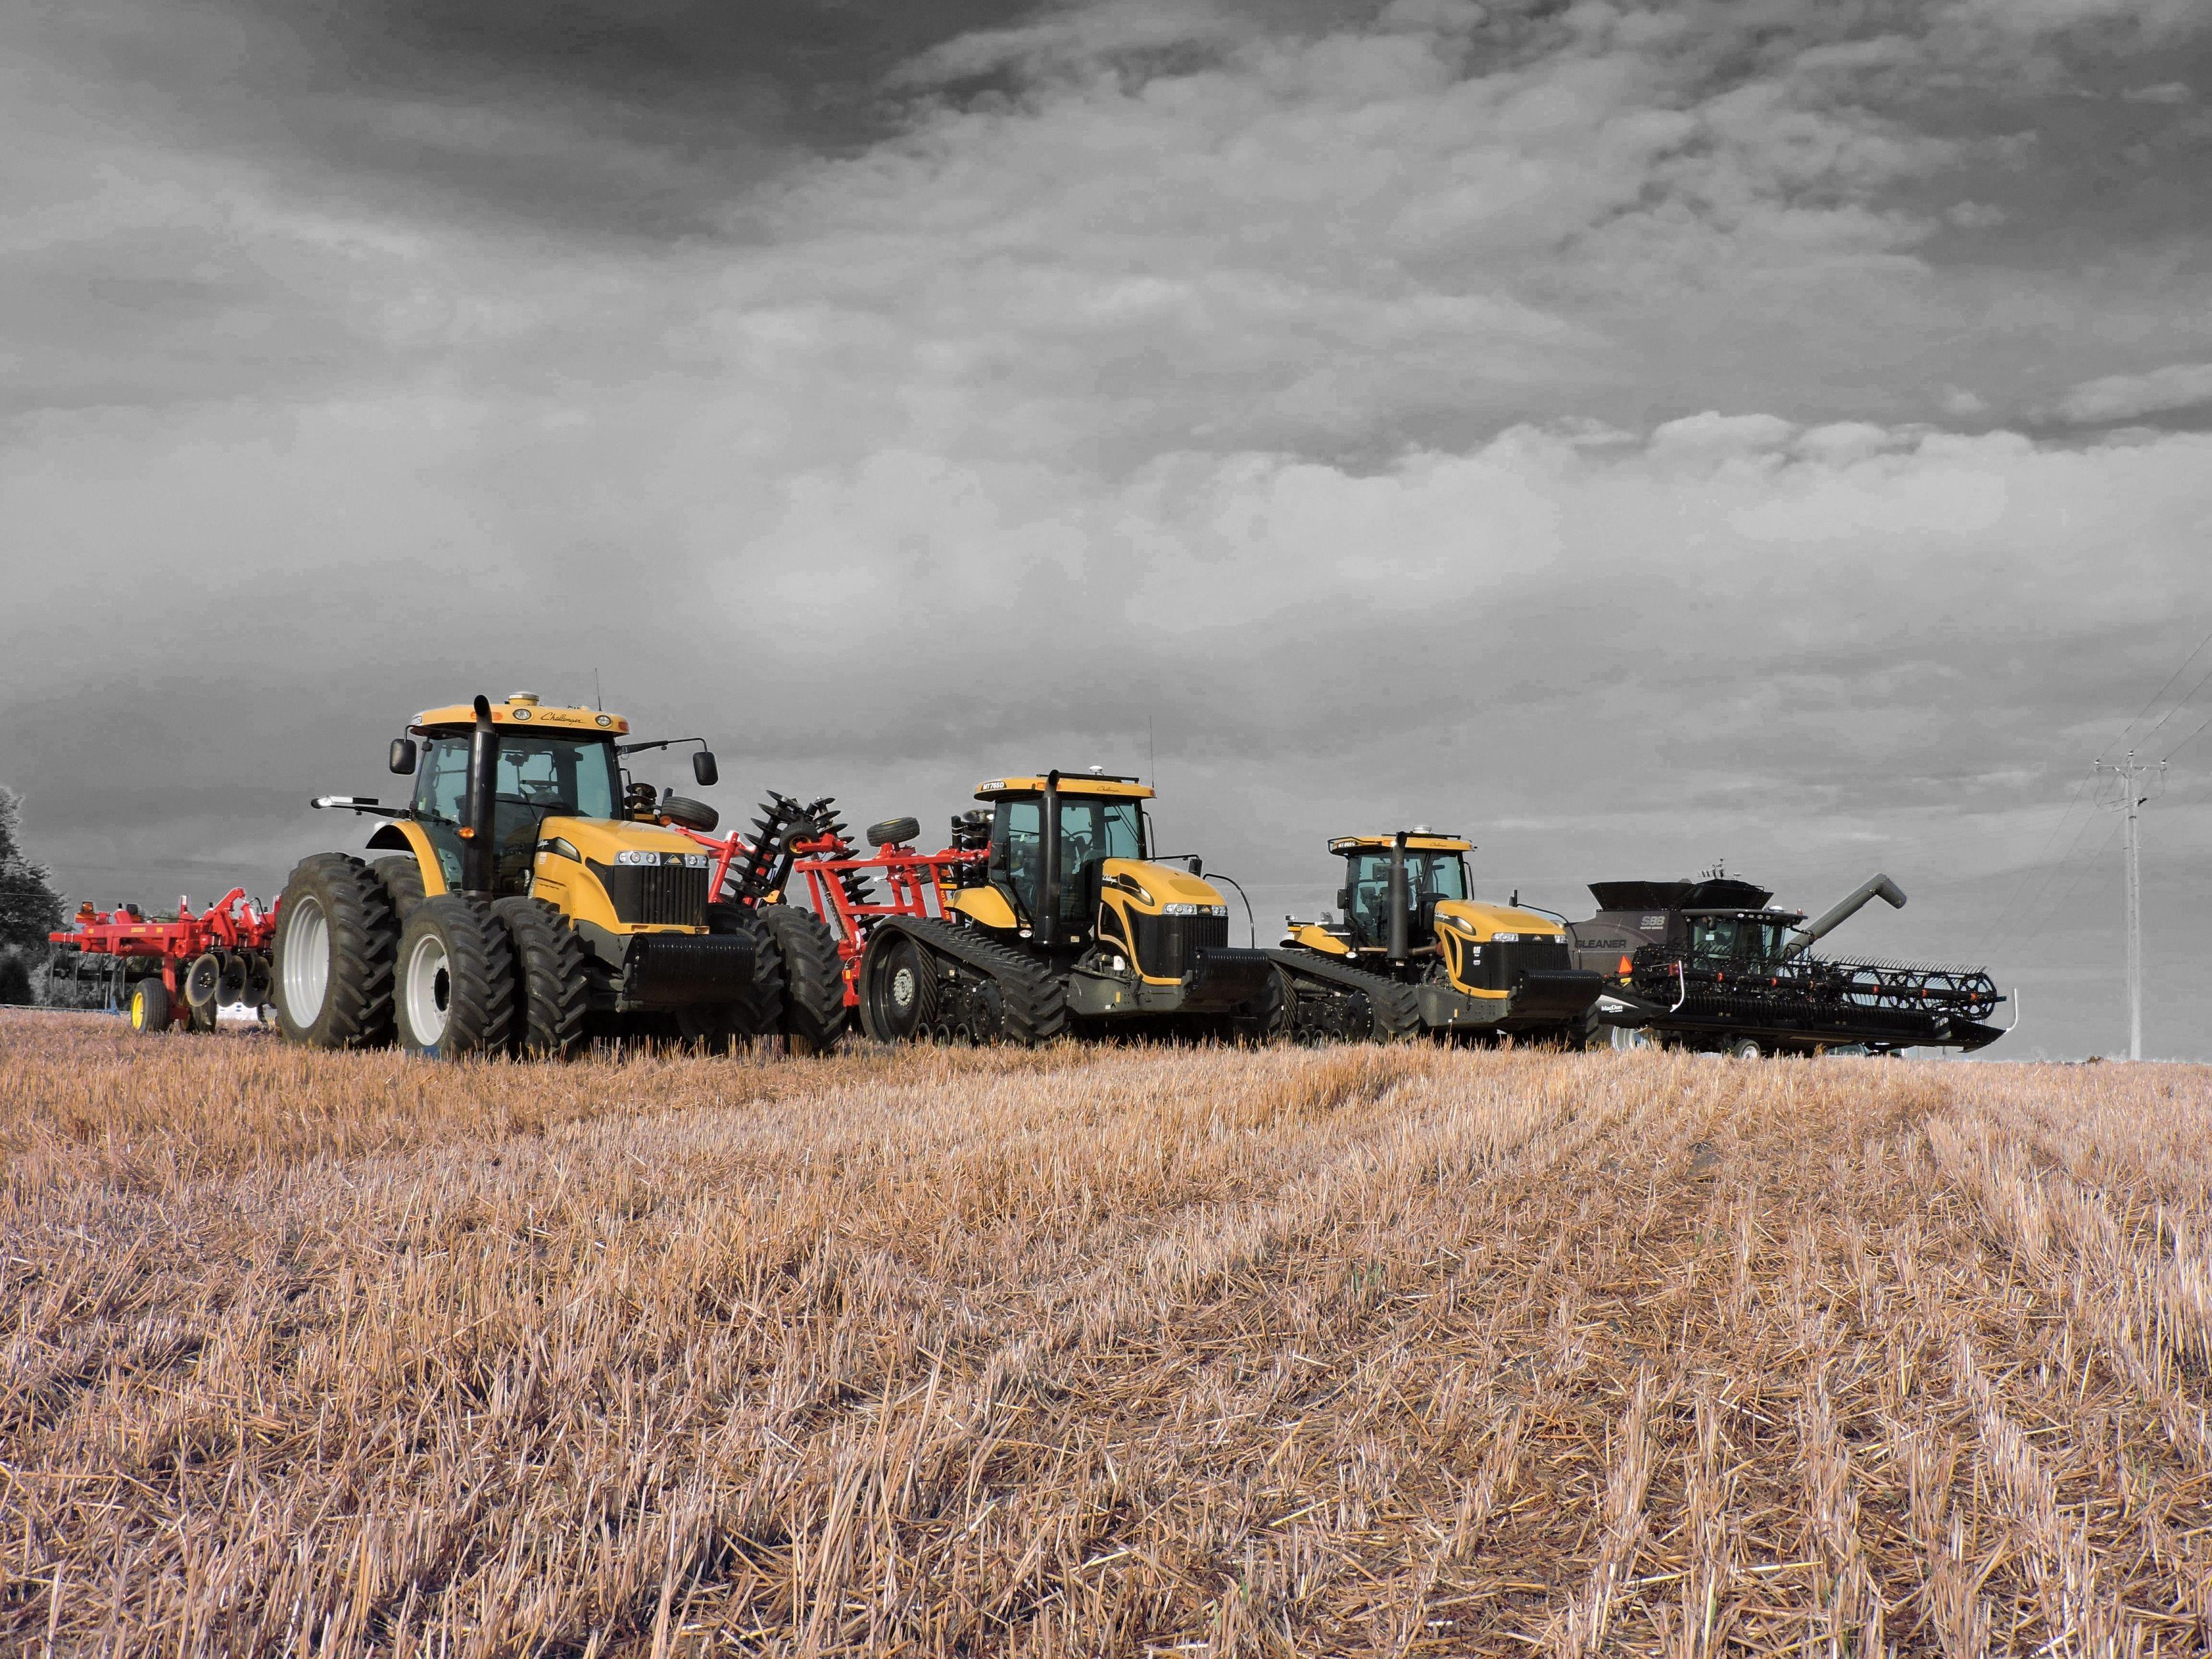 статье фото сельхозтехники и оборудование покрытие, имеющее вид